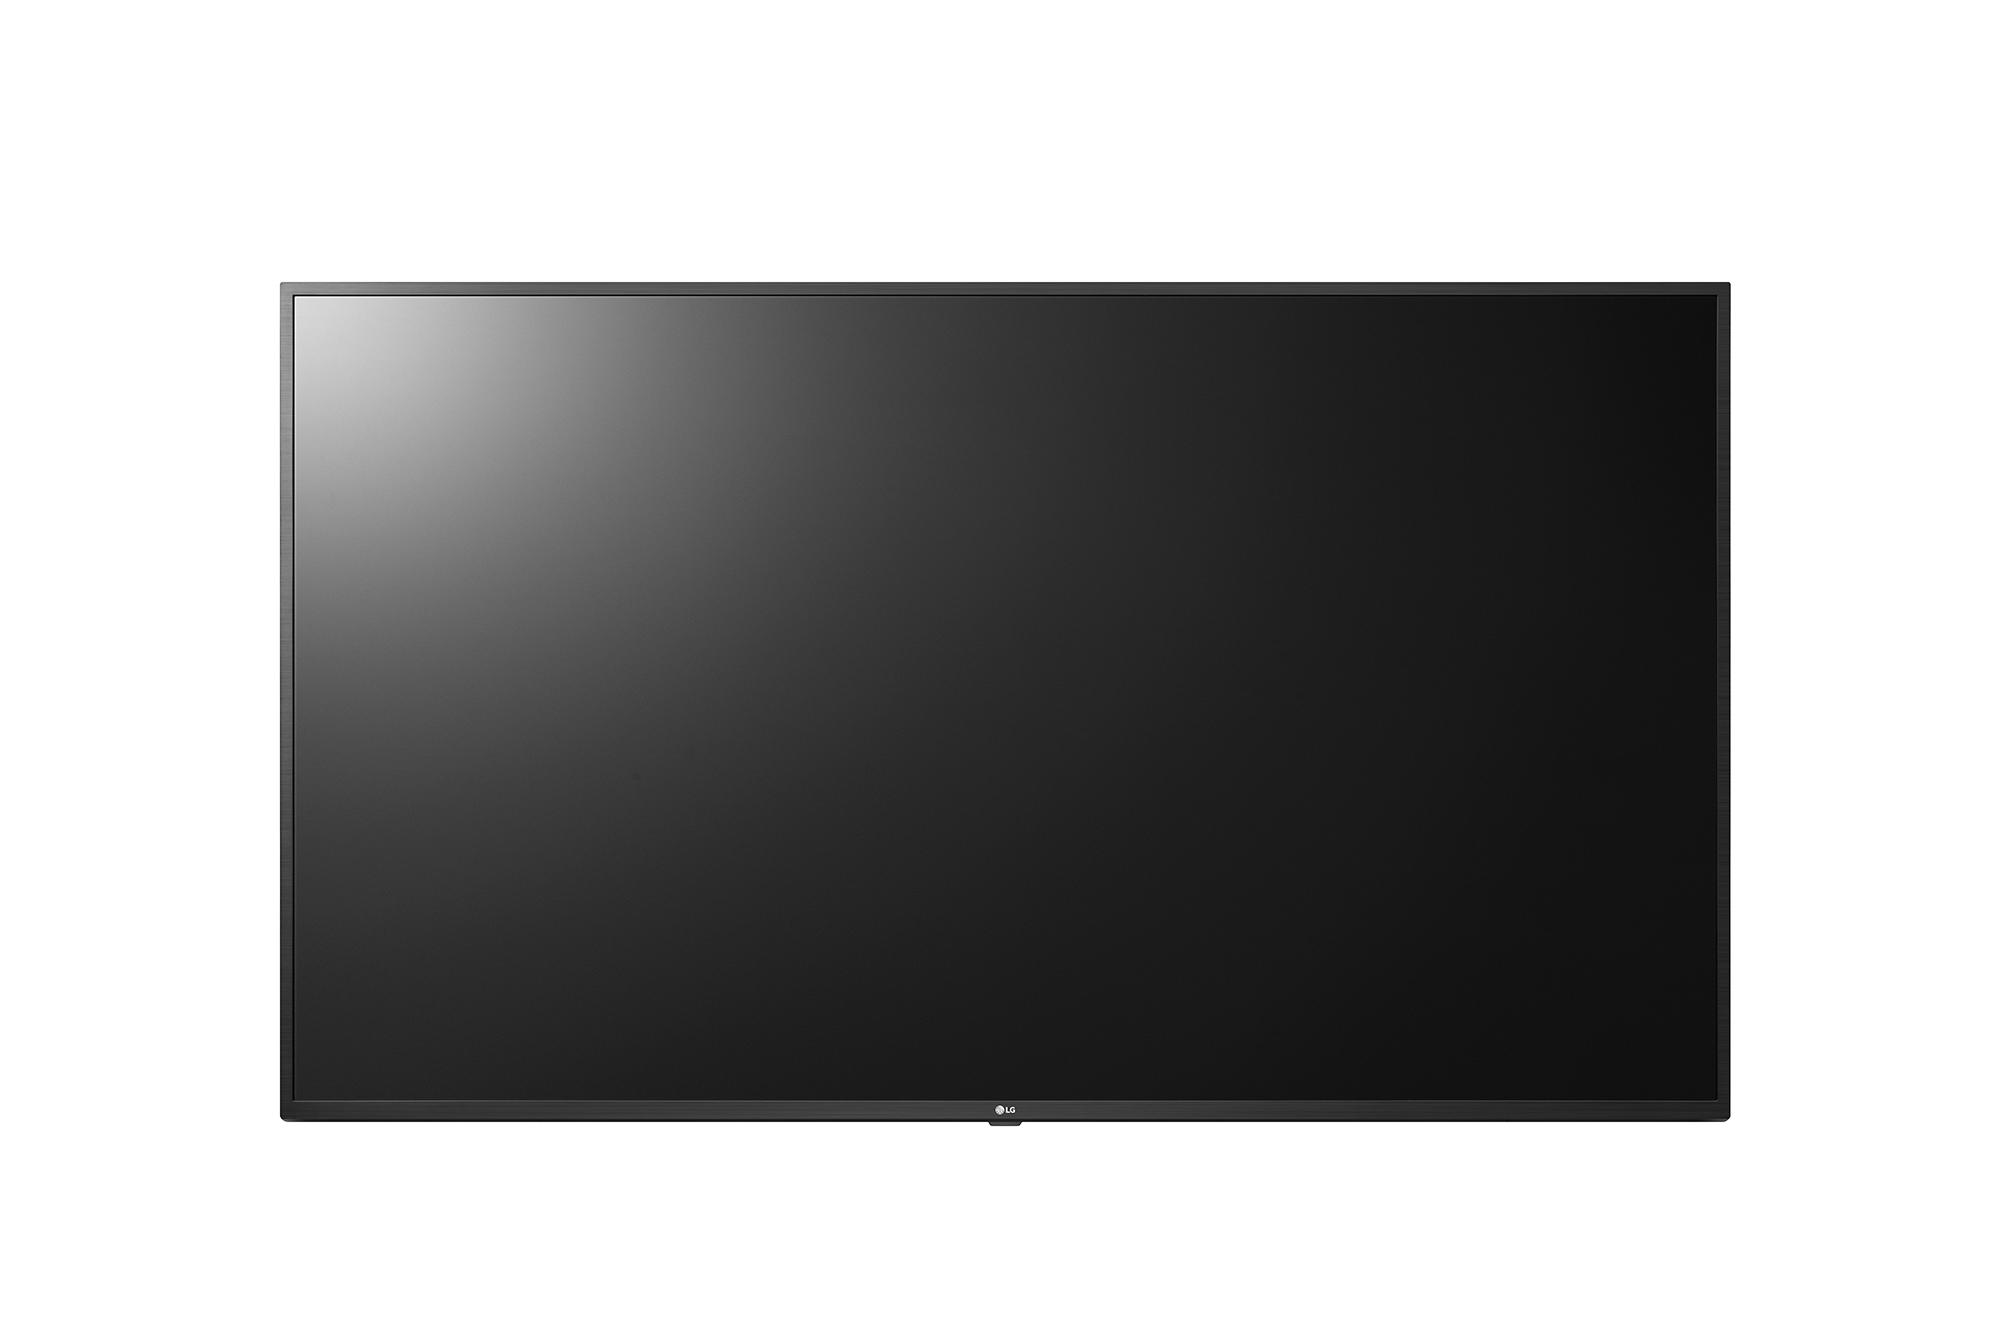 LG Standard Premium 55UL3G-B 2